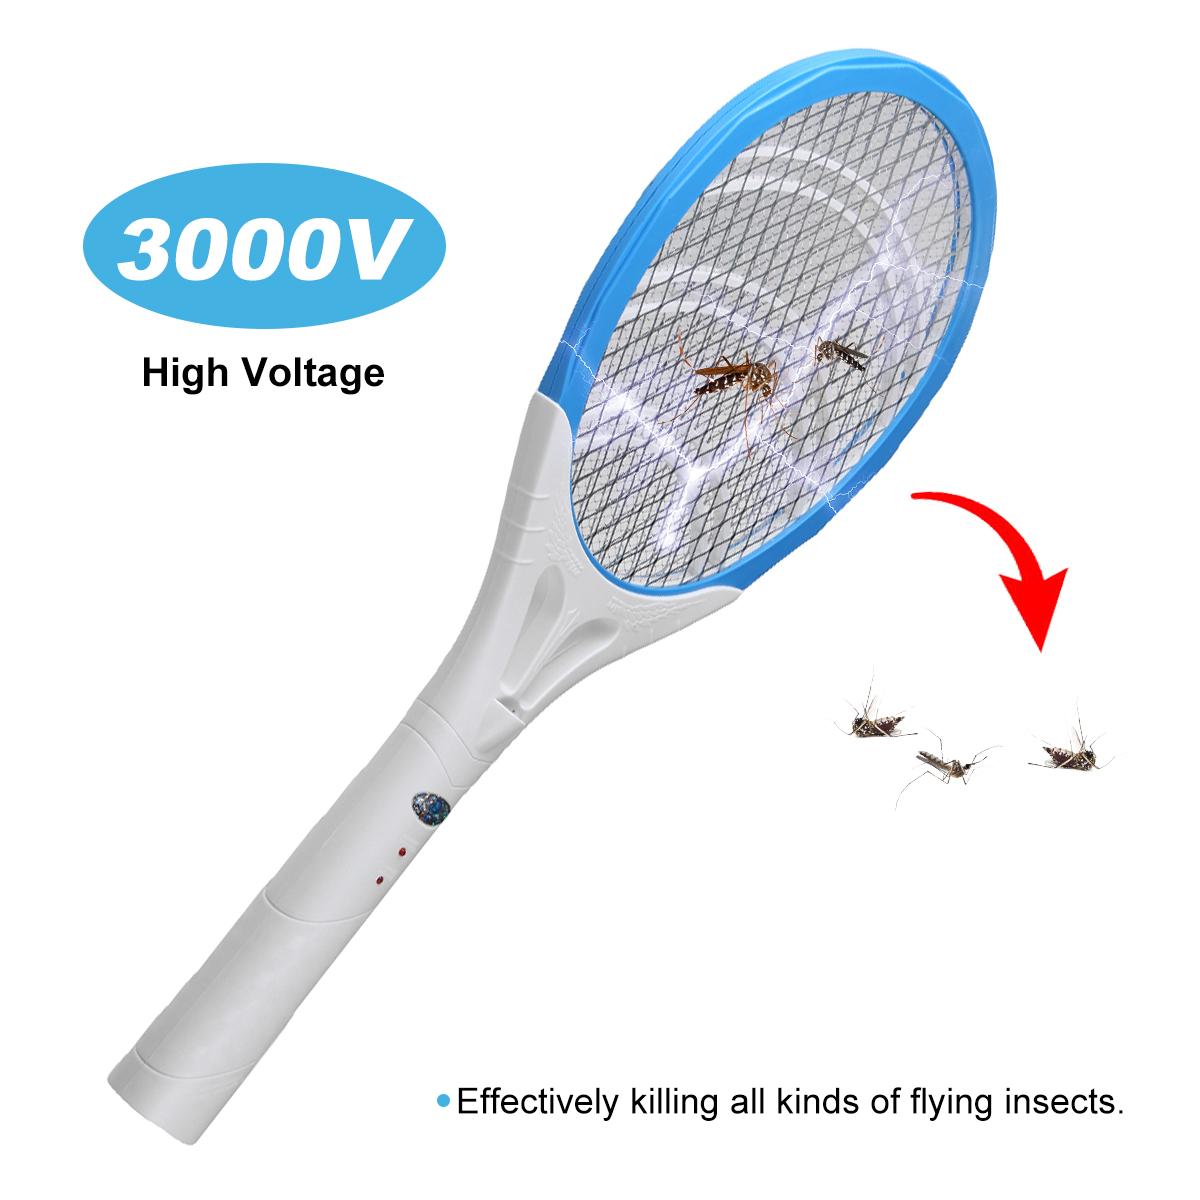 Мухобойка электрическая Мухобойка Мухобойка Zapper Bug Zapper Ракетка для тенниса Форма Убивает насекомых Комариные кома - фото 3